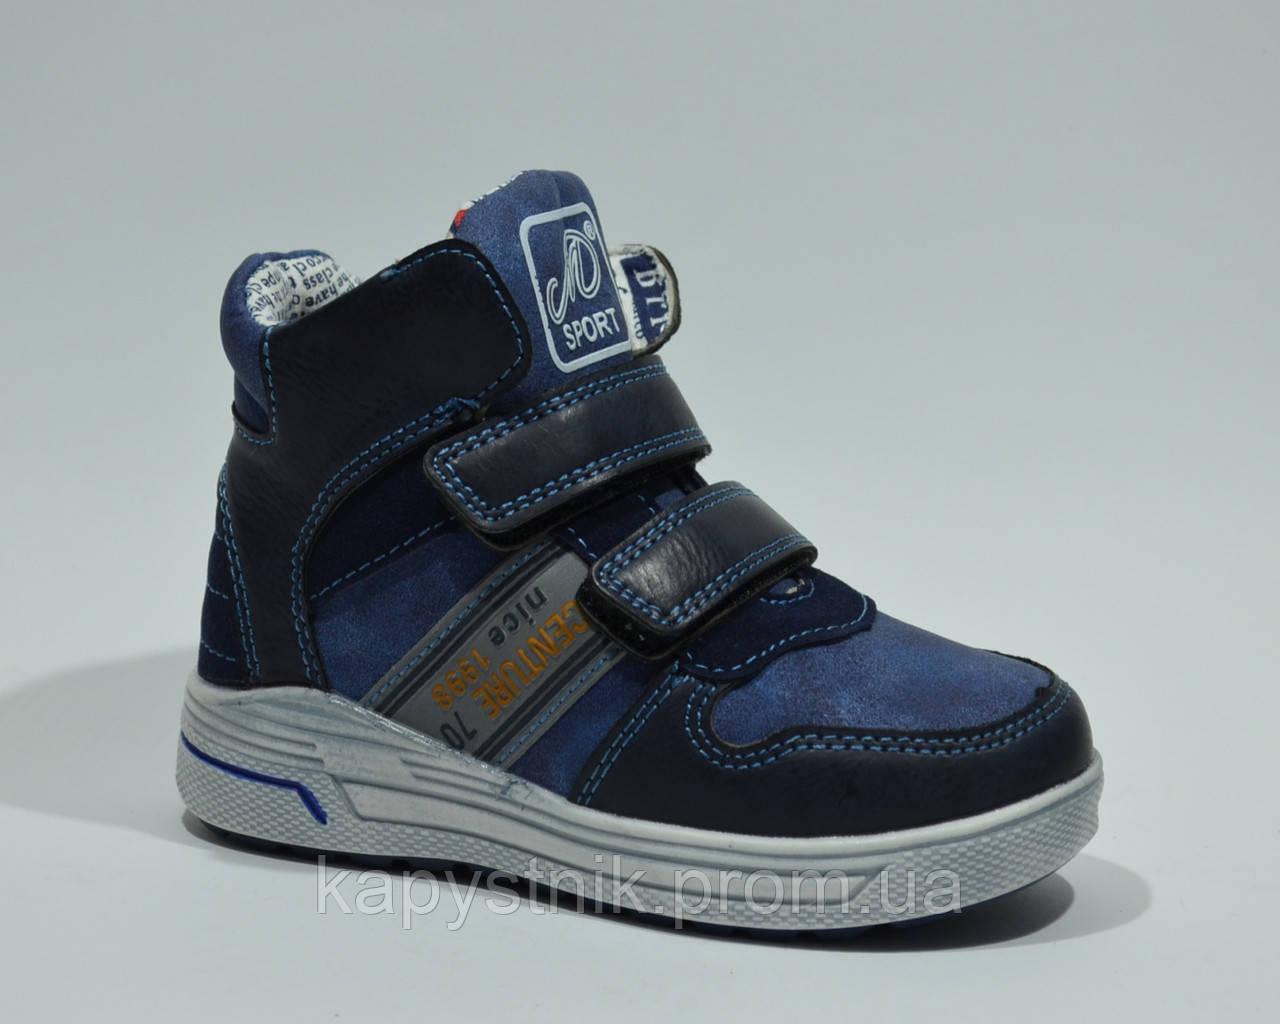 Детские демисезонные ботинки для мальчика р.27-32 ТМ Солнце  PT72B синий 575fdf2e4d9cd